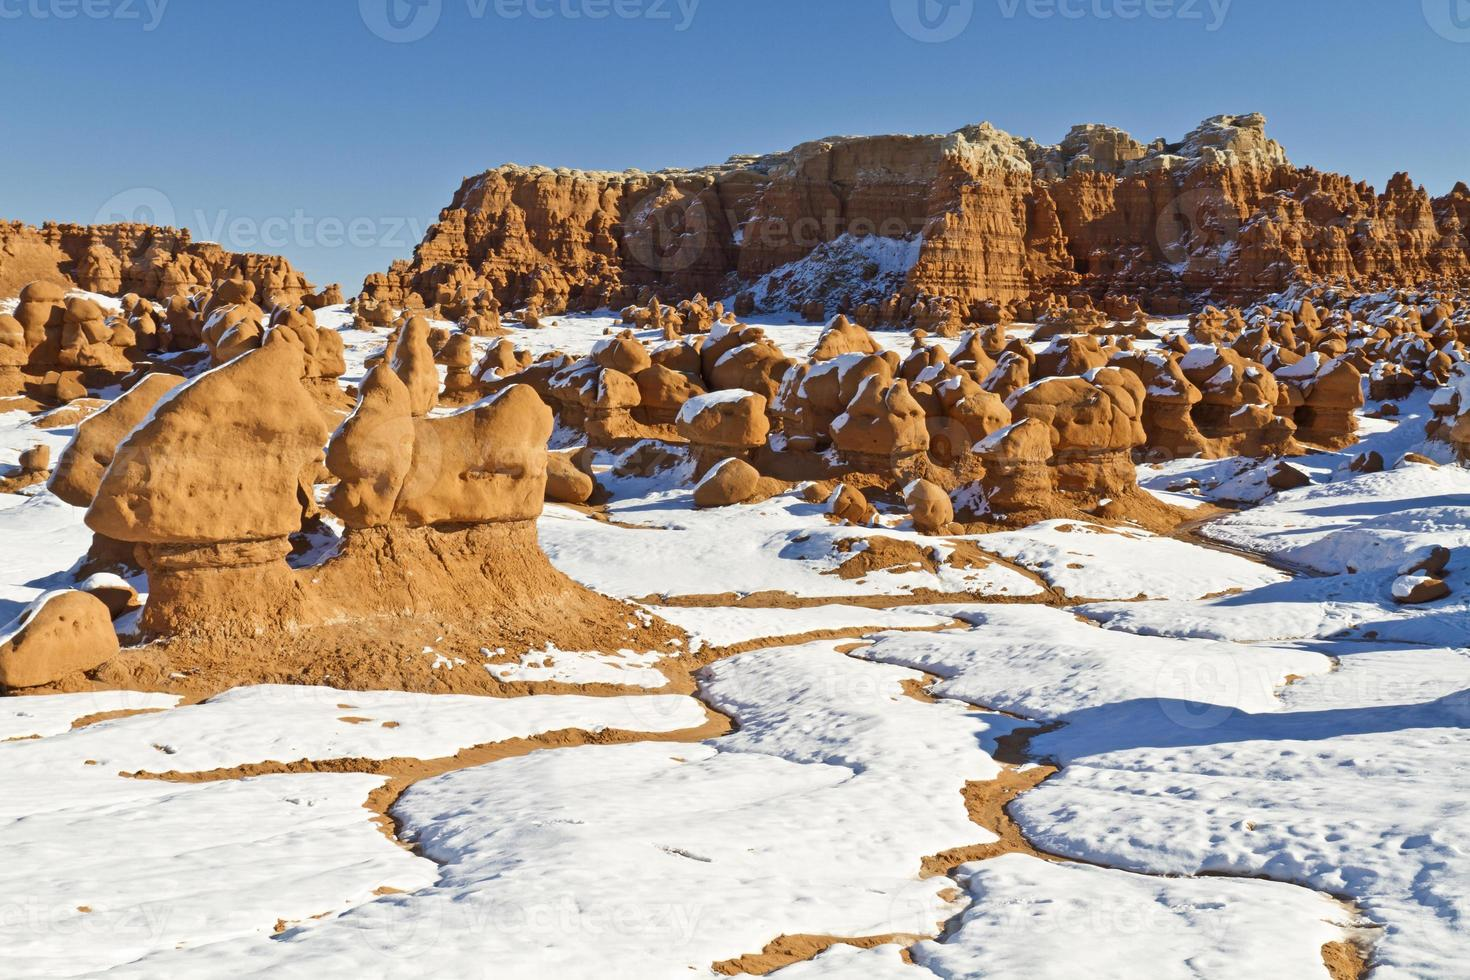 rivoli di neve della valle dei goblin foto